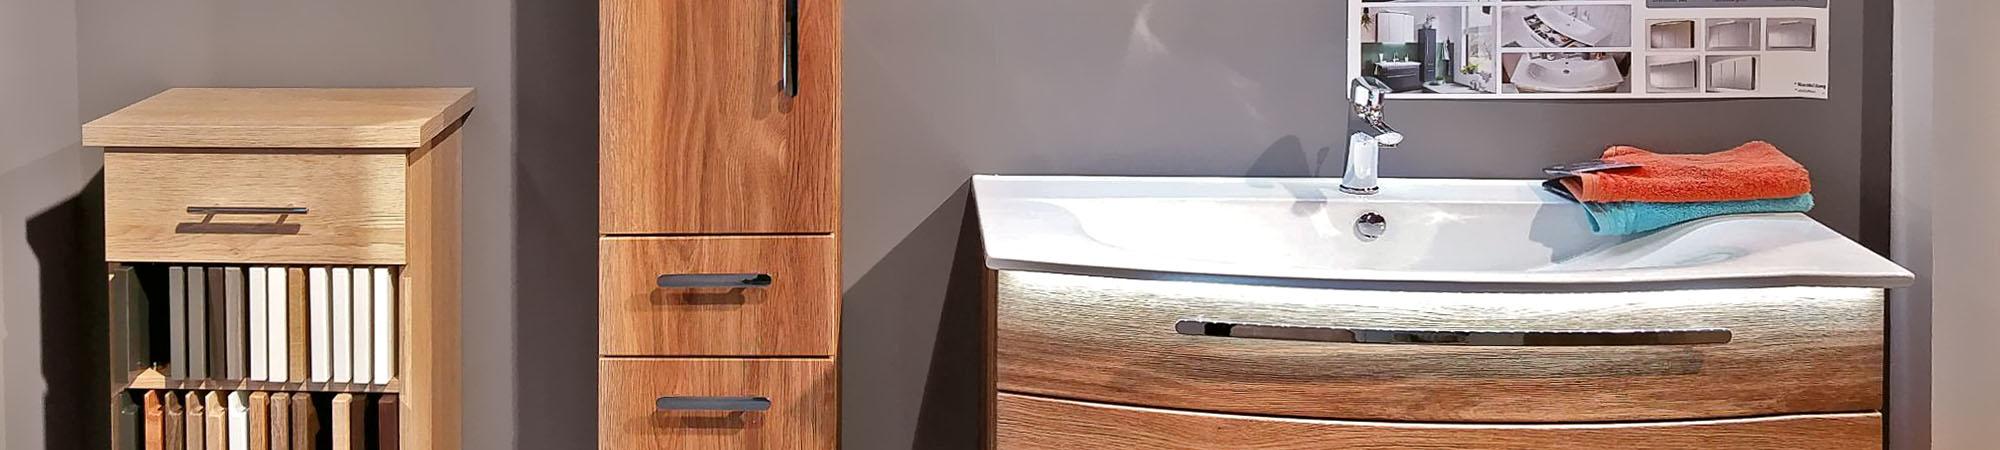 Möbel Schröter Eirnichtung Badezimmer